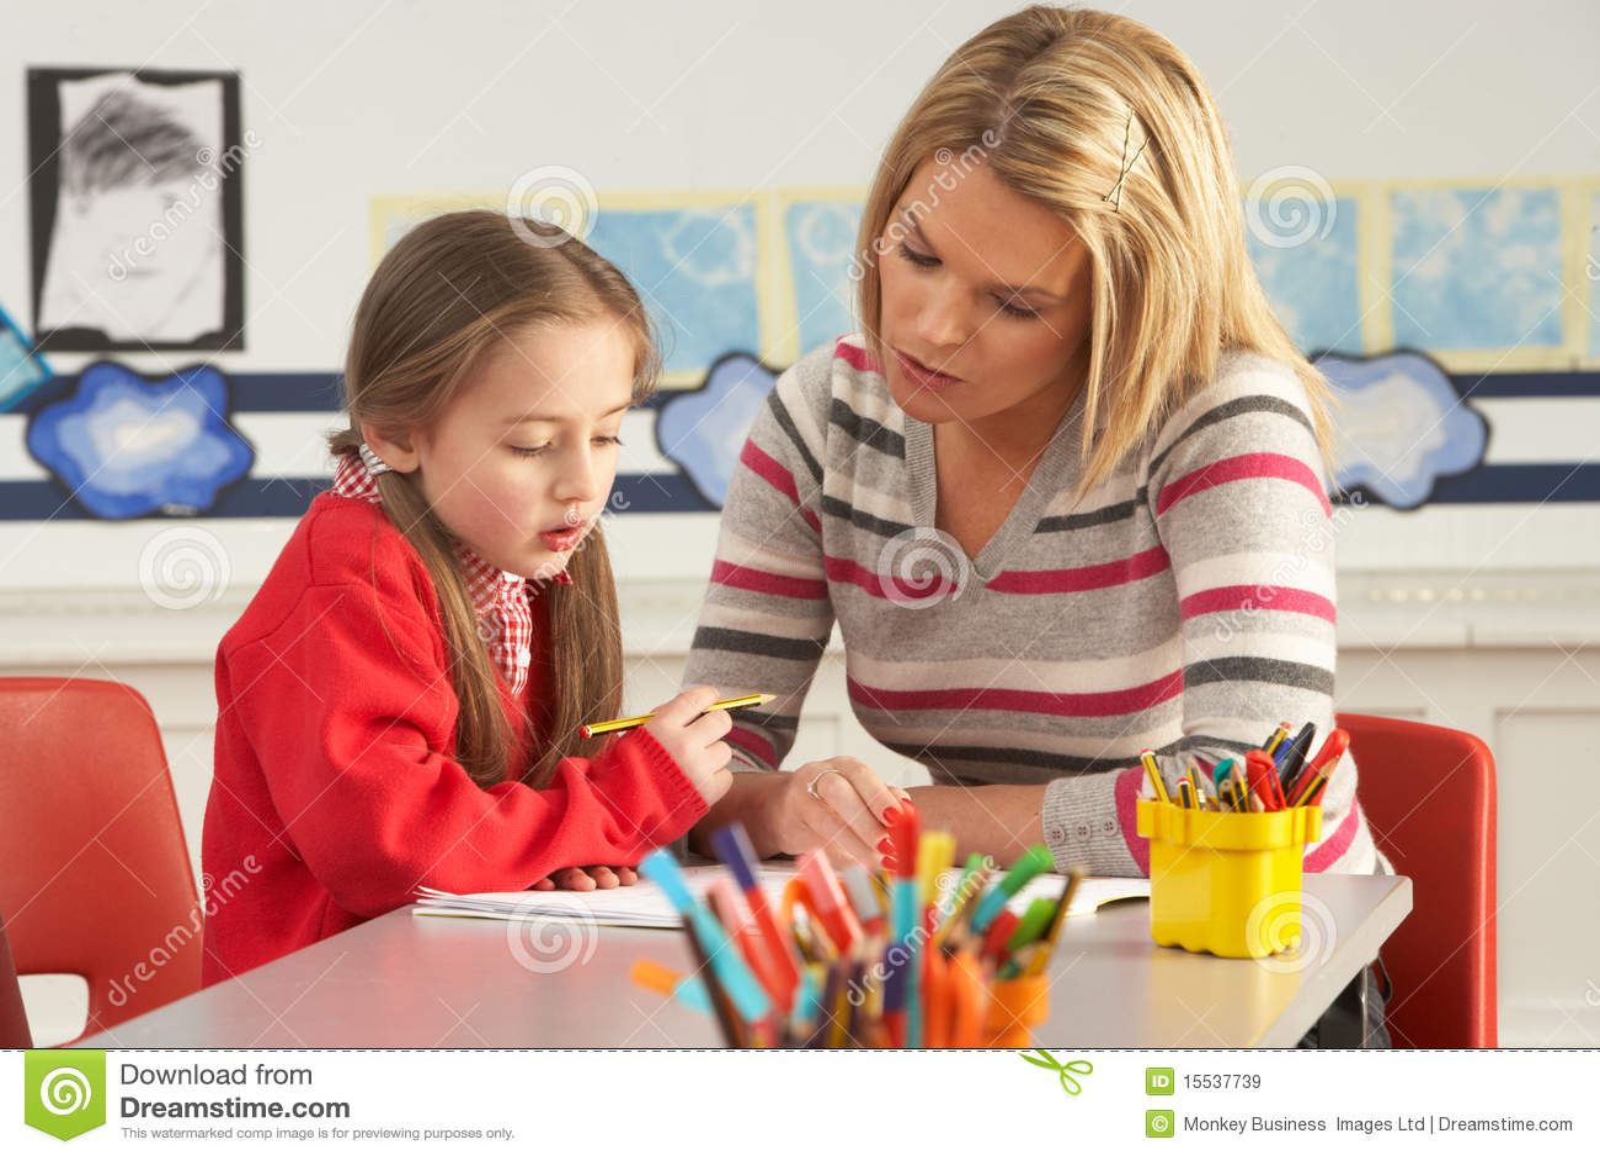 blogs videotape elementary school teachers tale